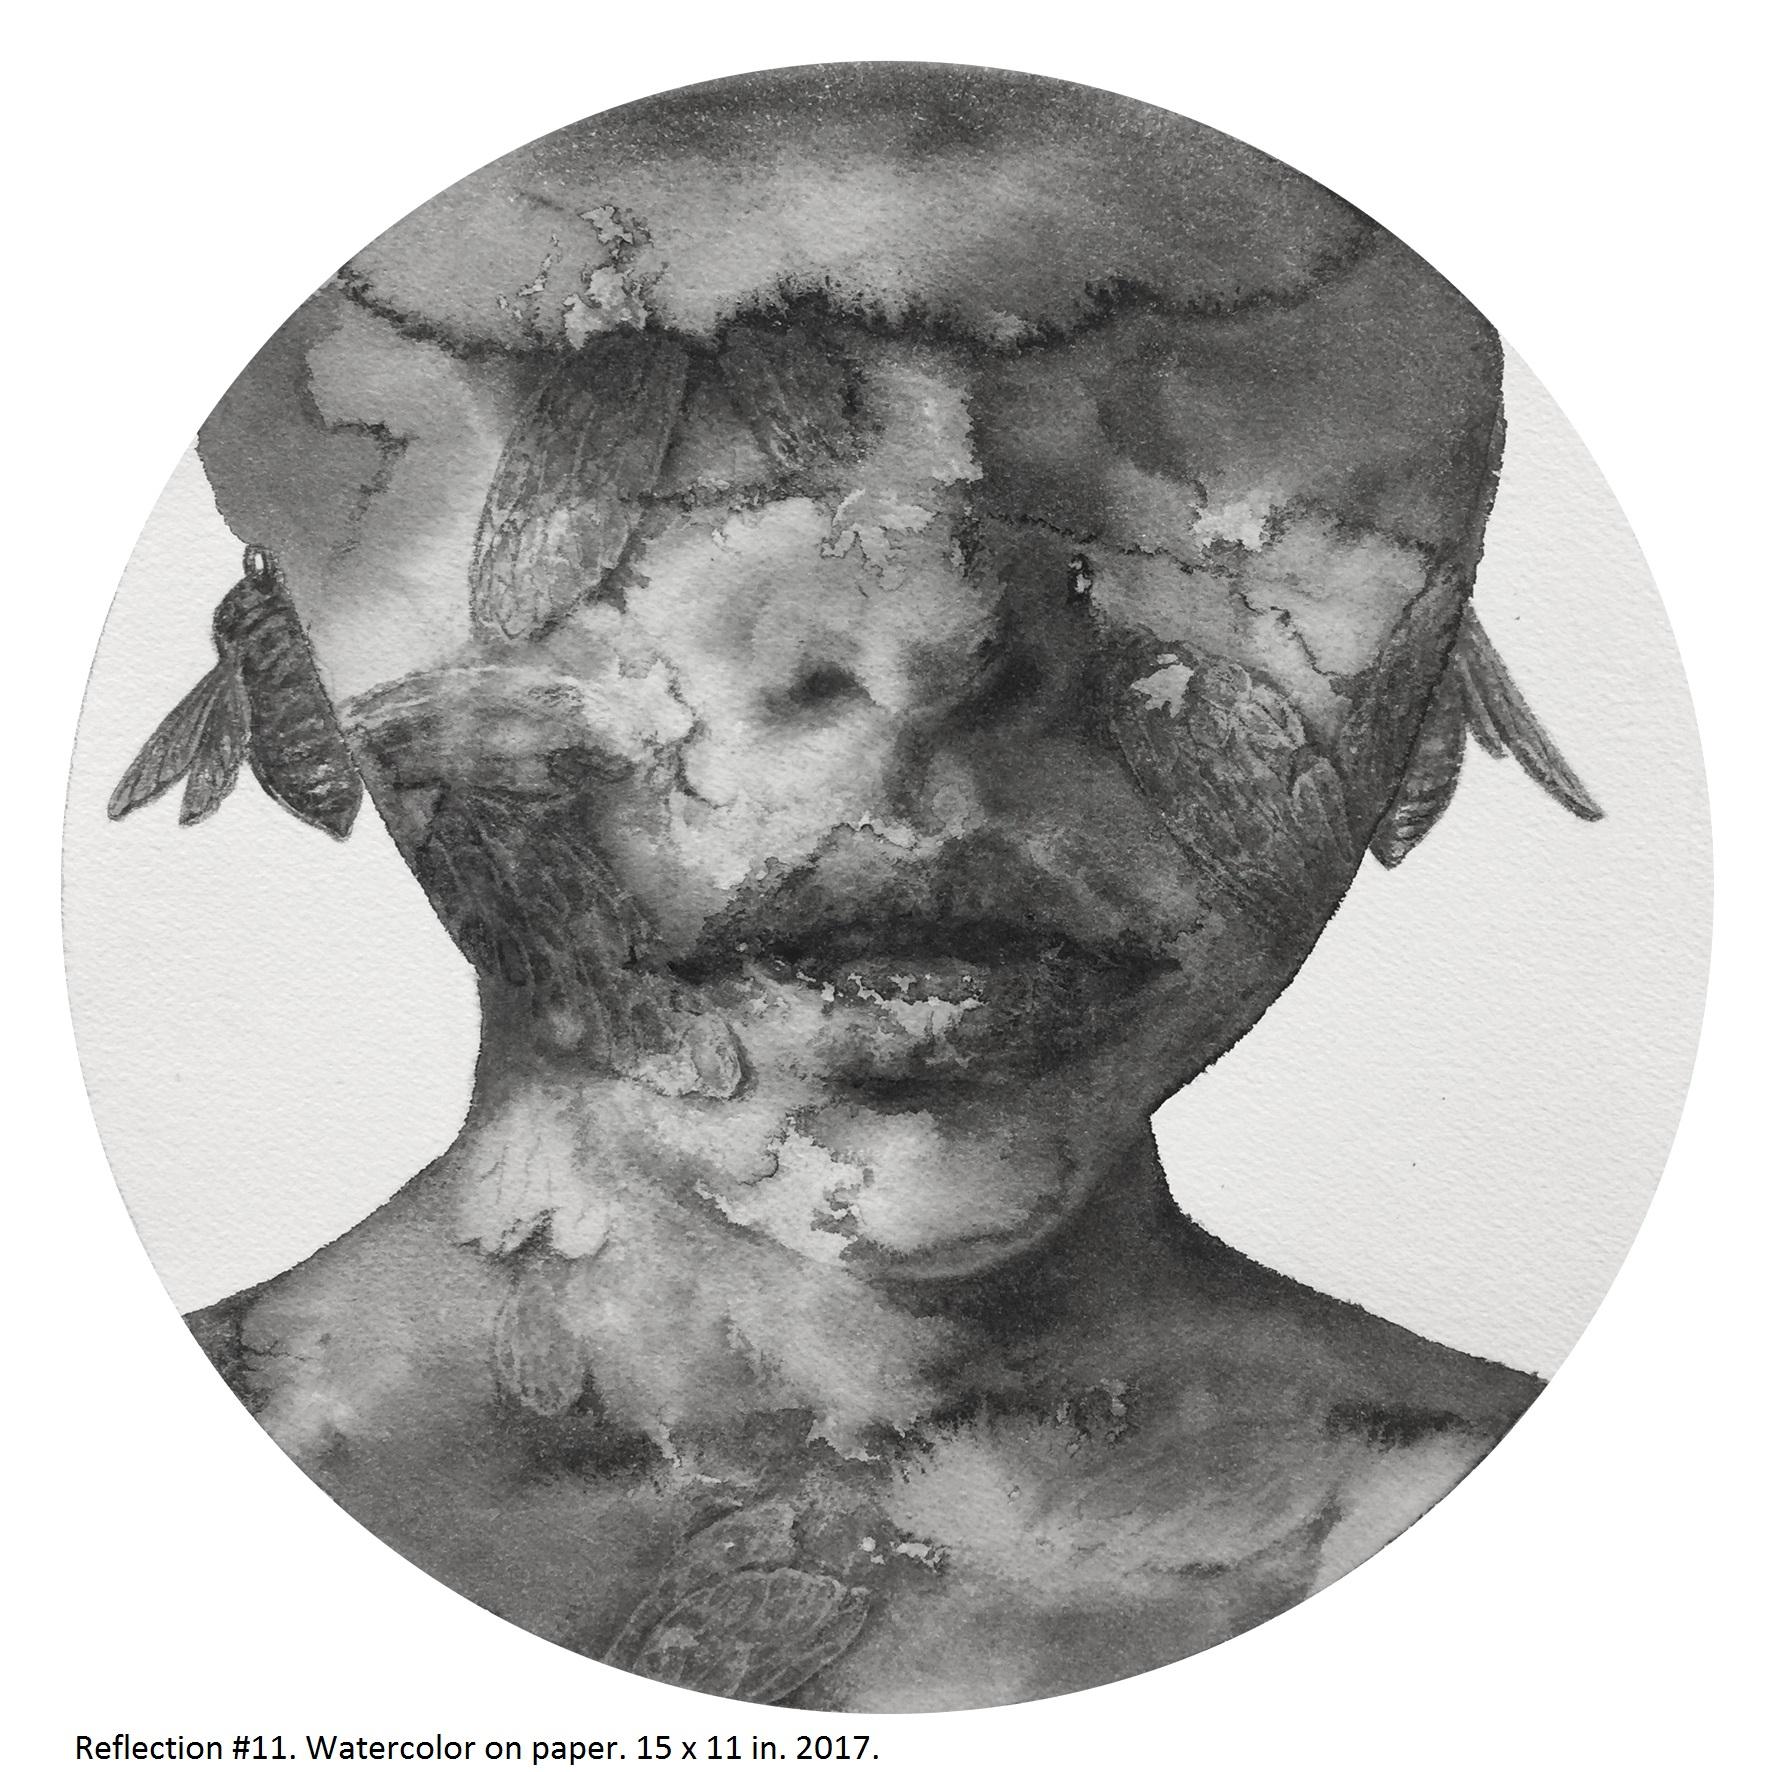 Reflection #1 (Shanlin Ye Artist at Jim Kempner Fine Art)